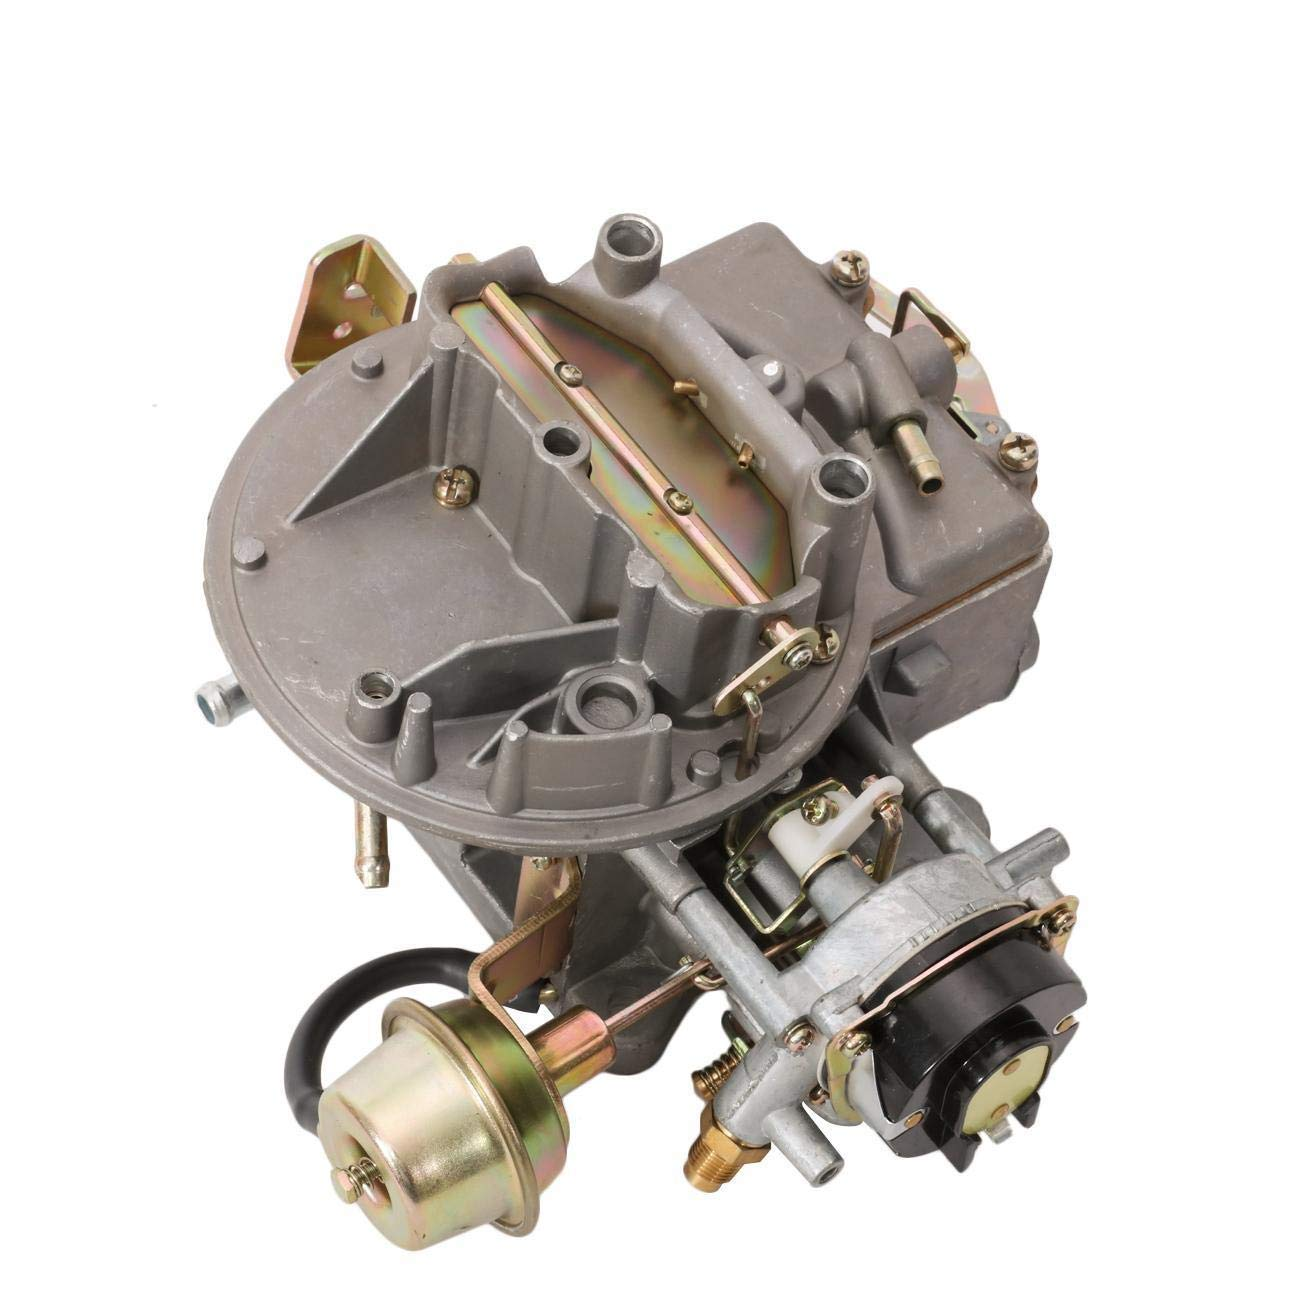 Dodge 360 Carburetor Adjustment